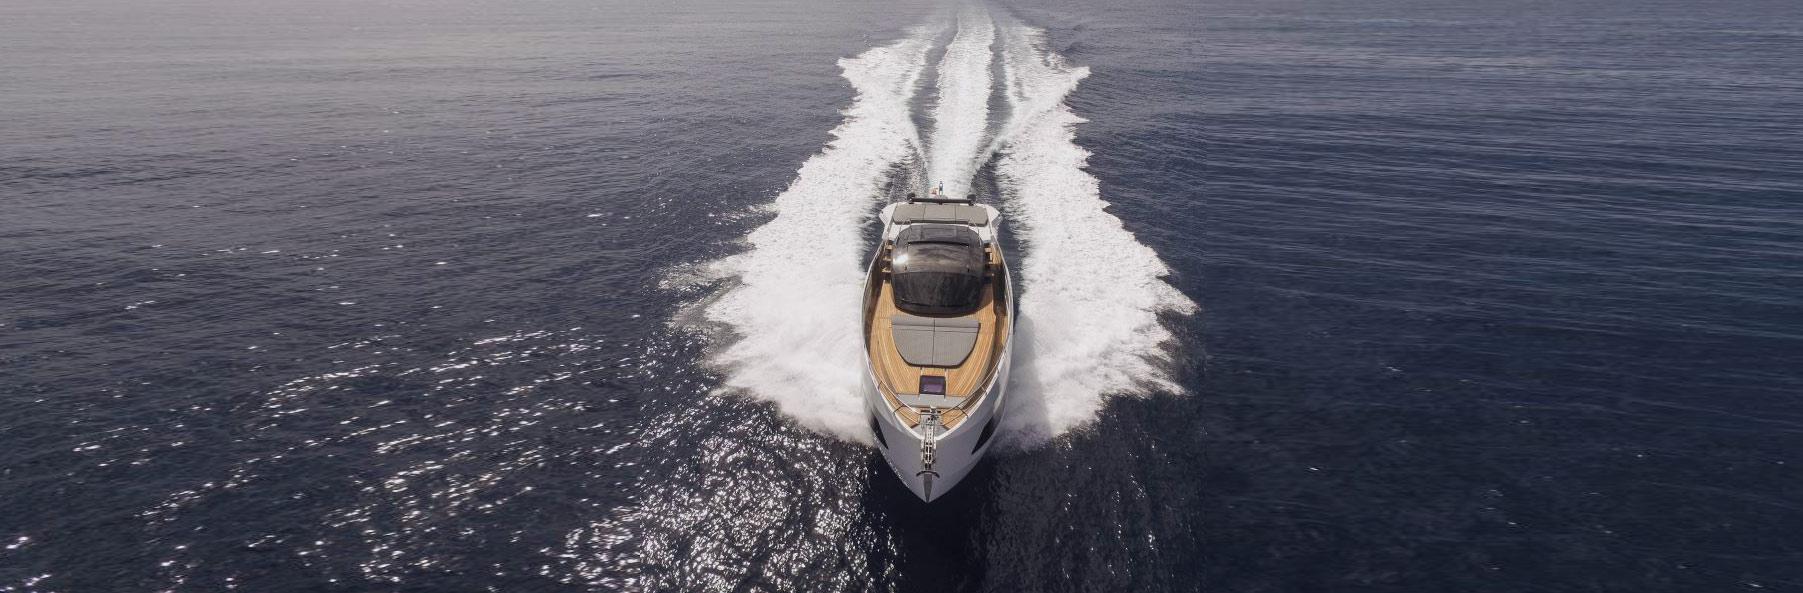 astondoa-yacht